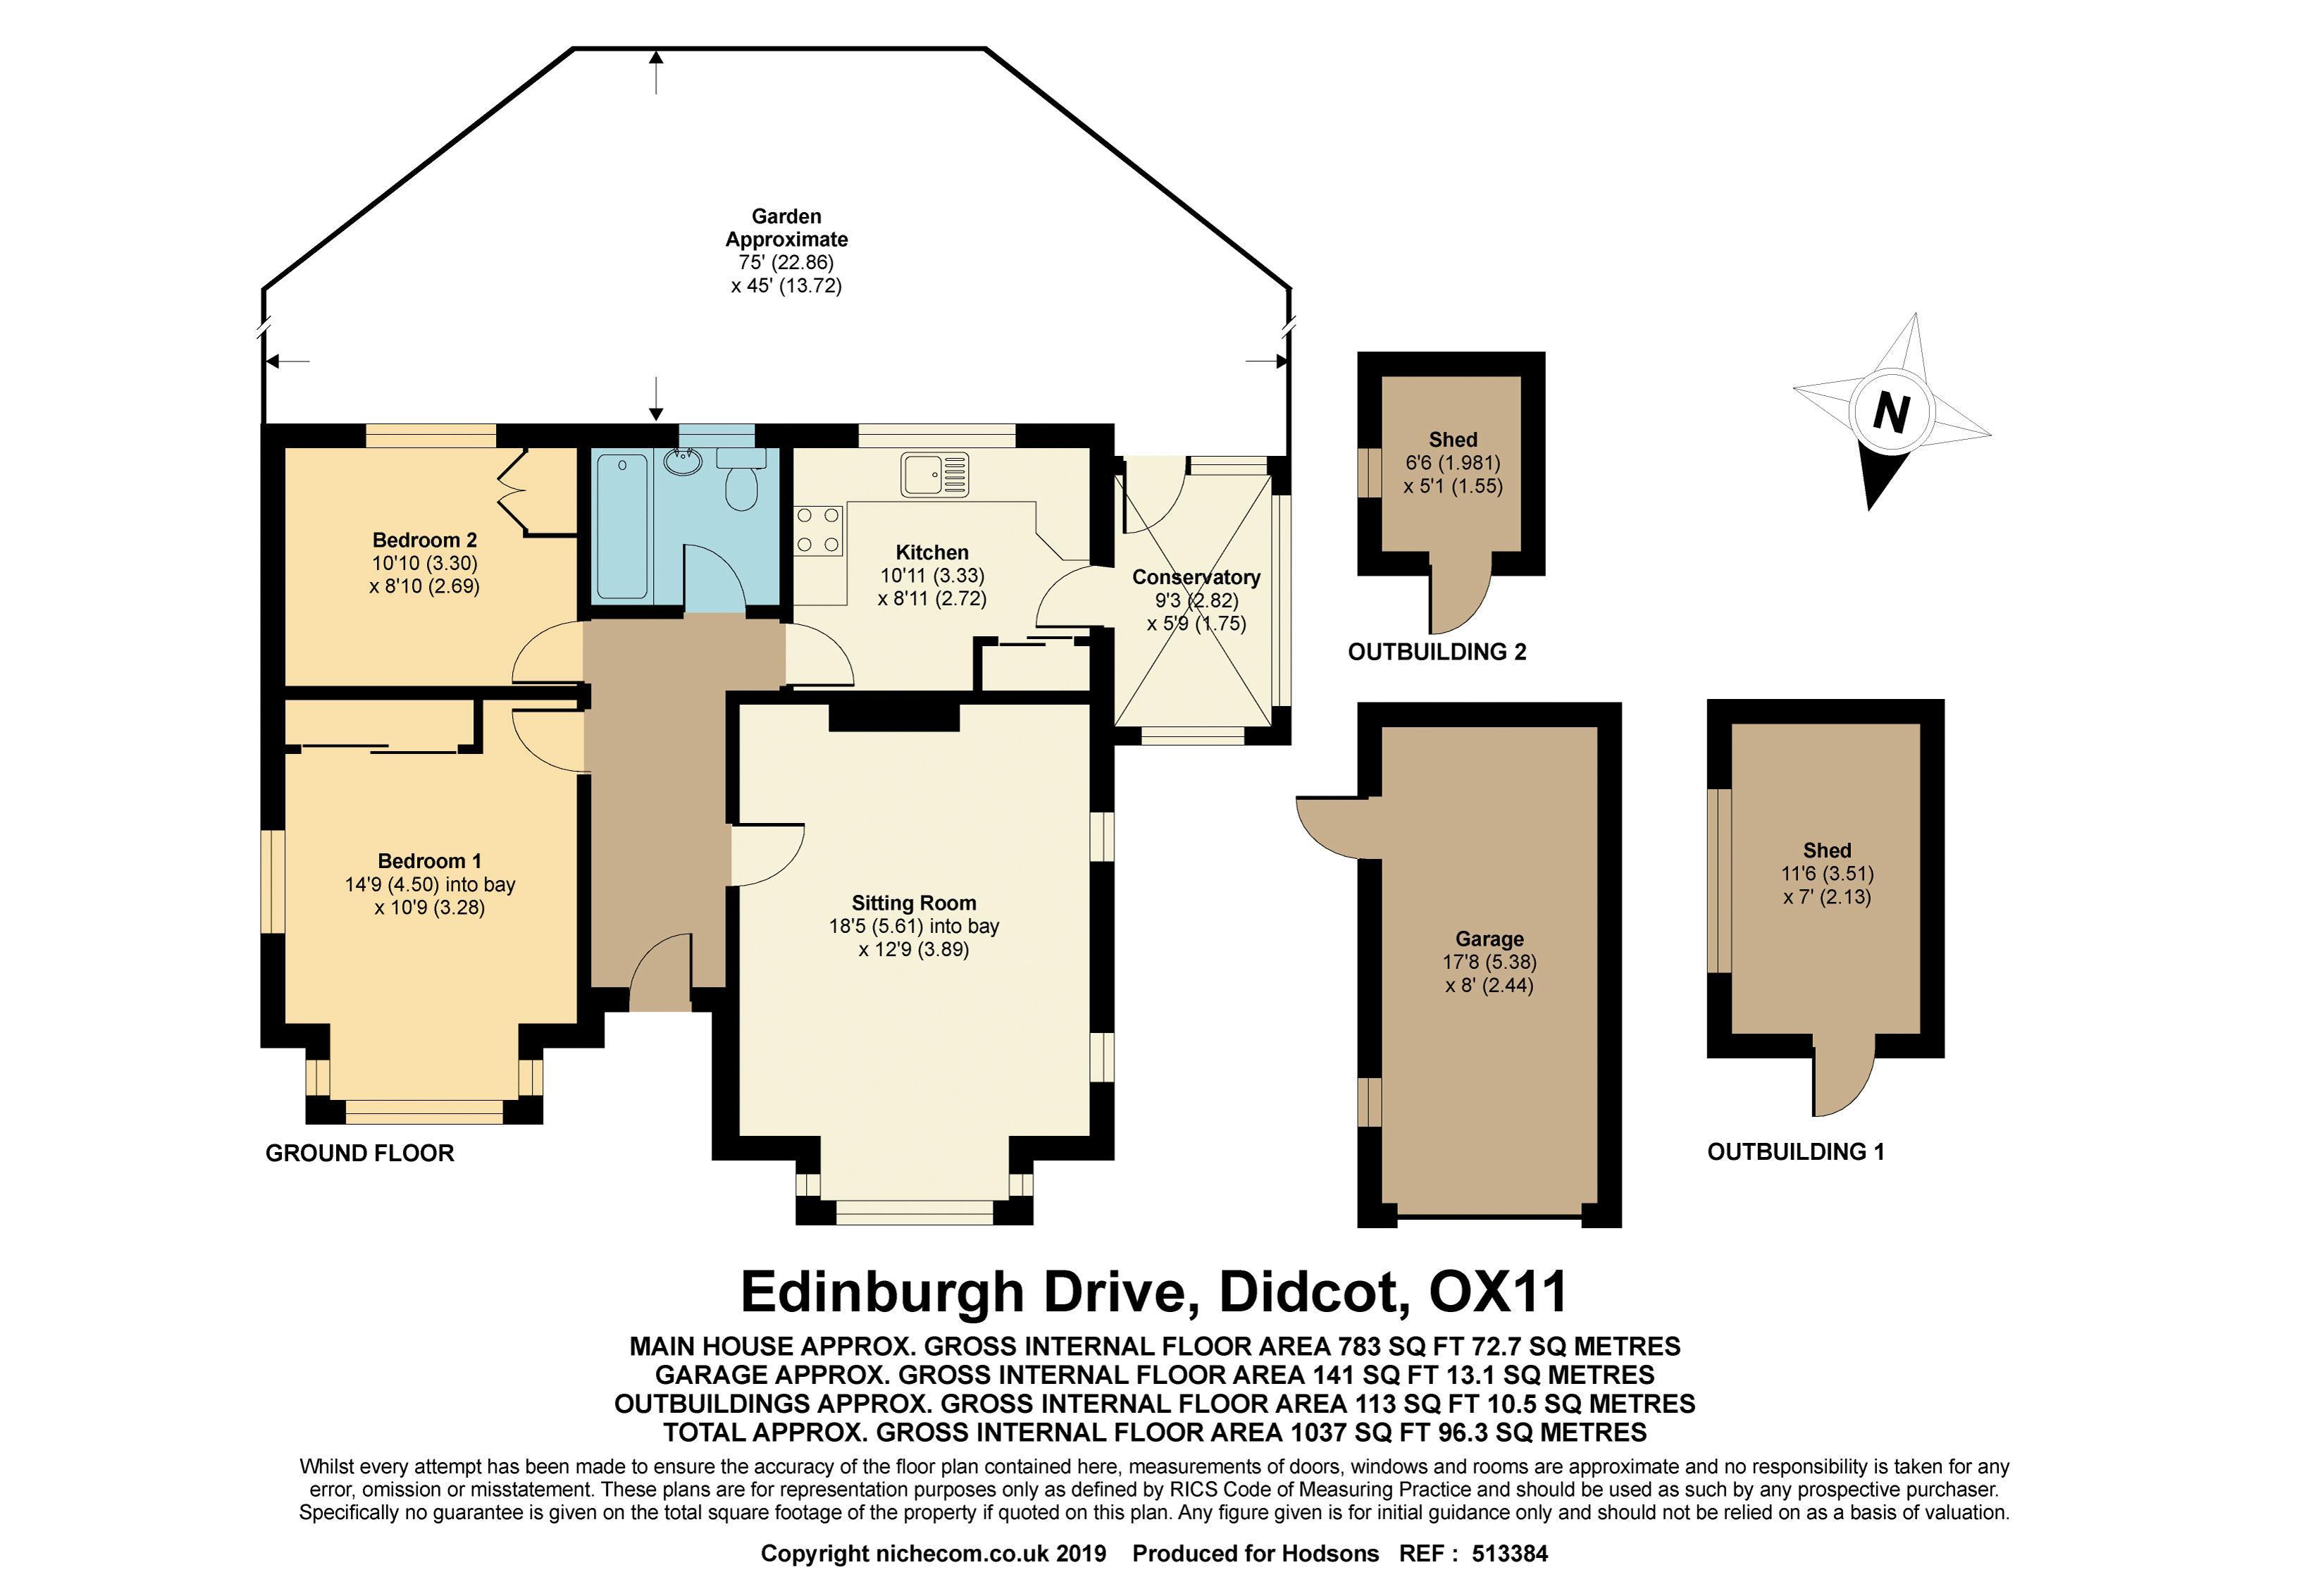 Edinburgh Drive